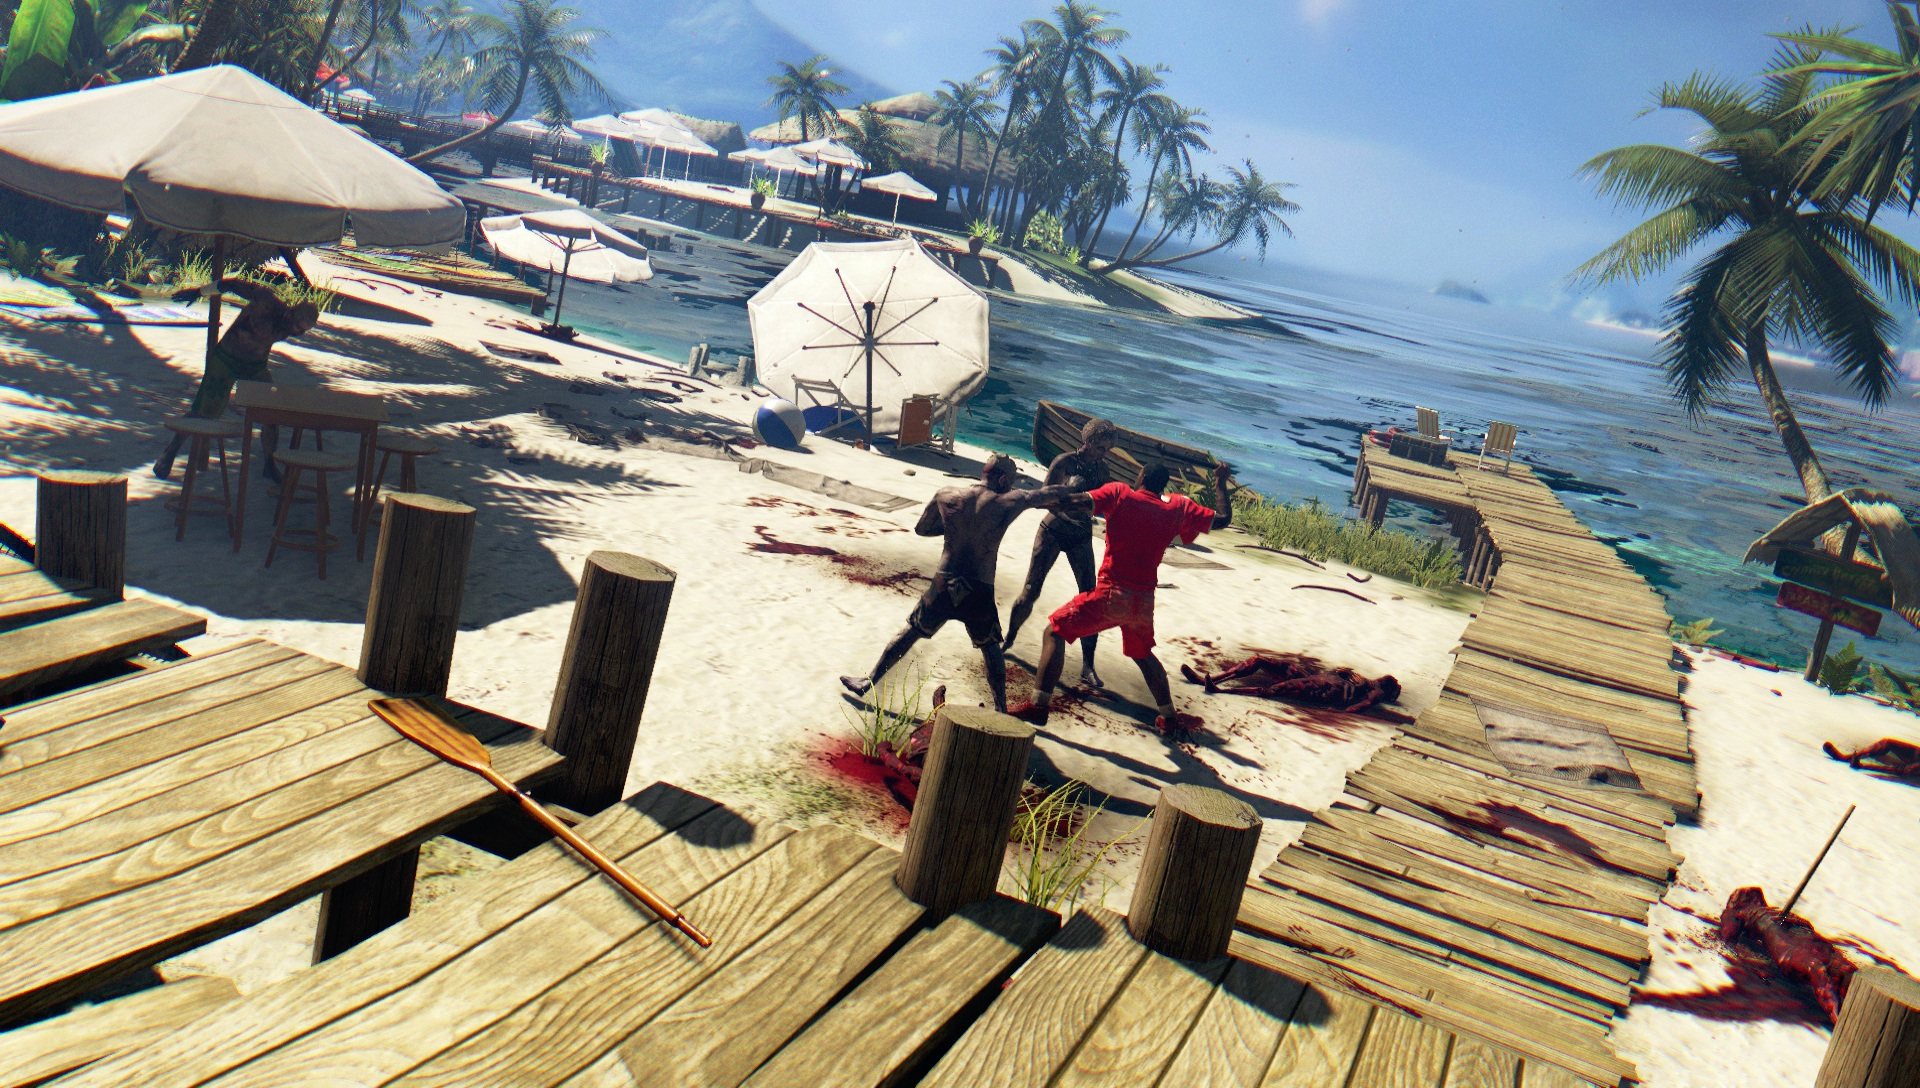 Die Dead Island Defintive Edition bietet im Vergleich zum ursprünglichen Spiel eine deutlich bessere Grafik.